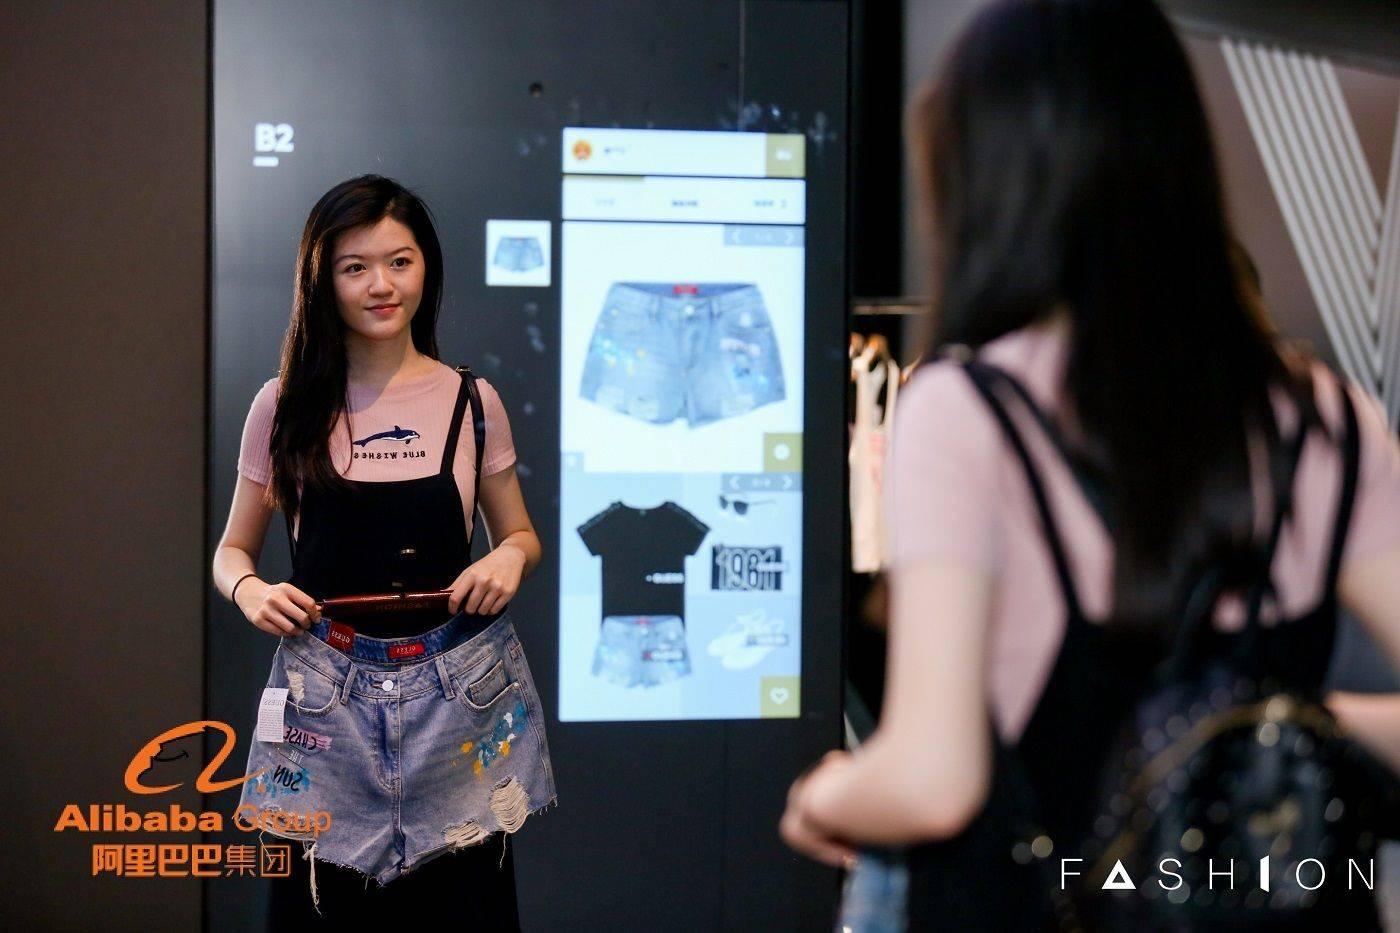 服饰快闪店了解一下,在一间没有导购员的服装店买衣服是一种怎样的体验?